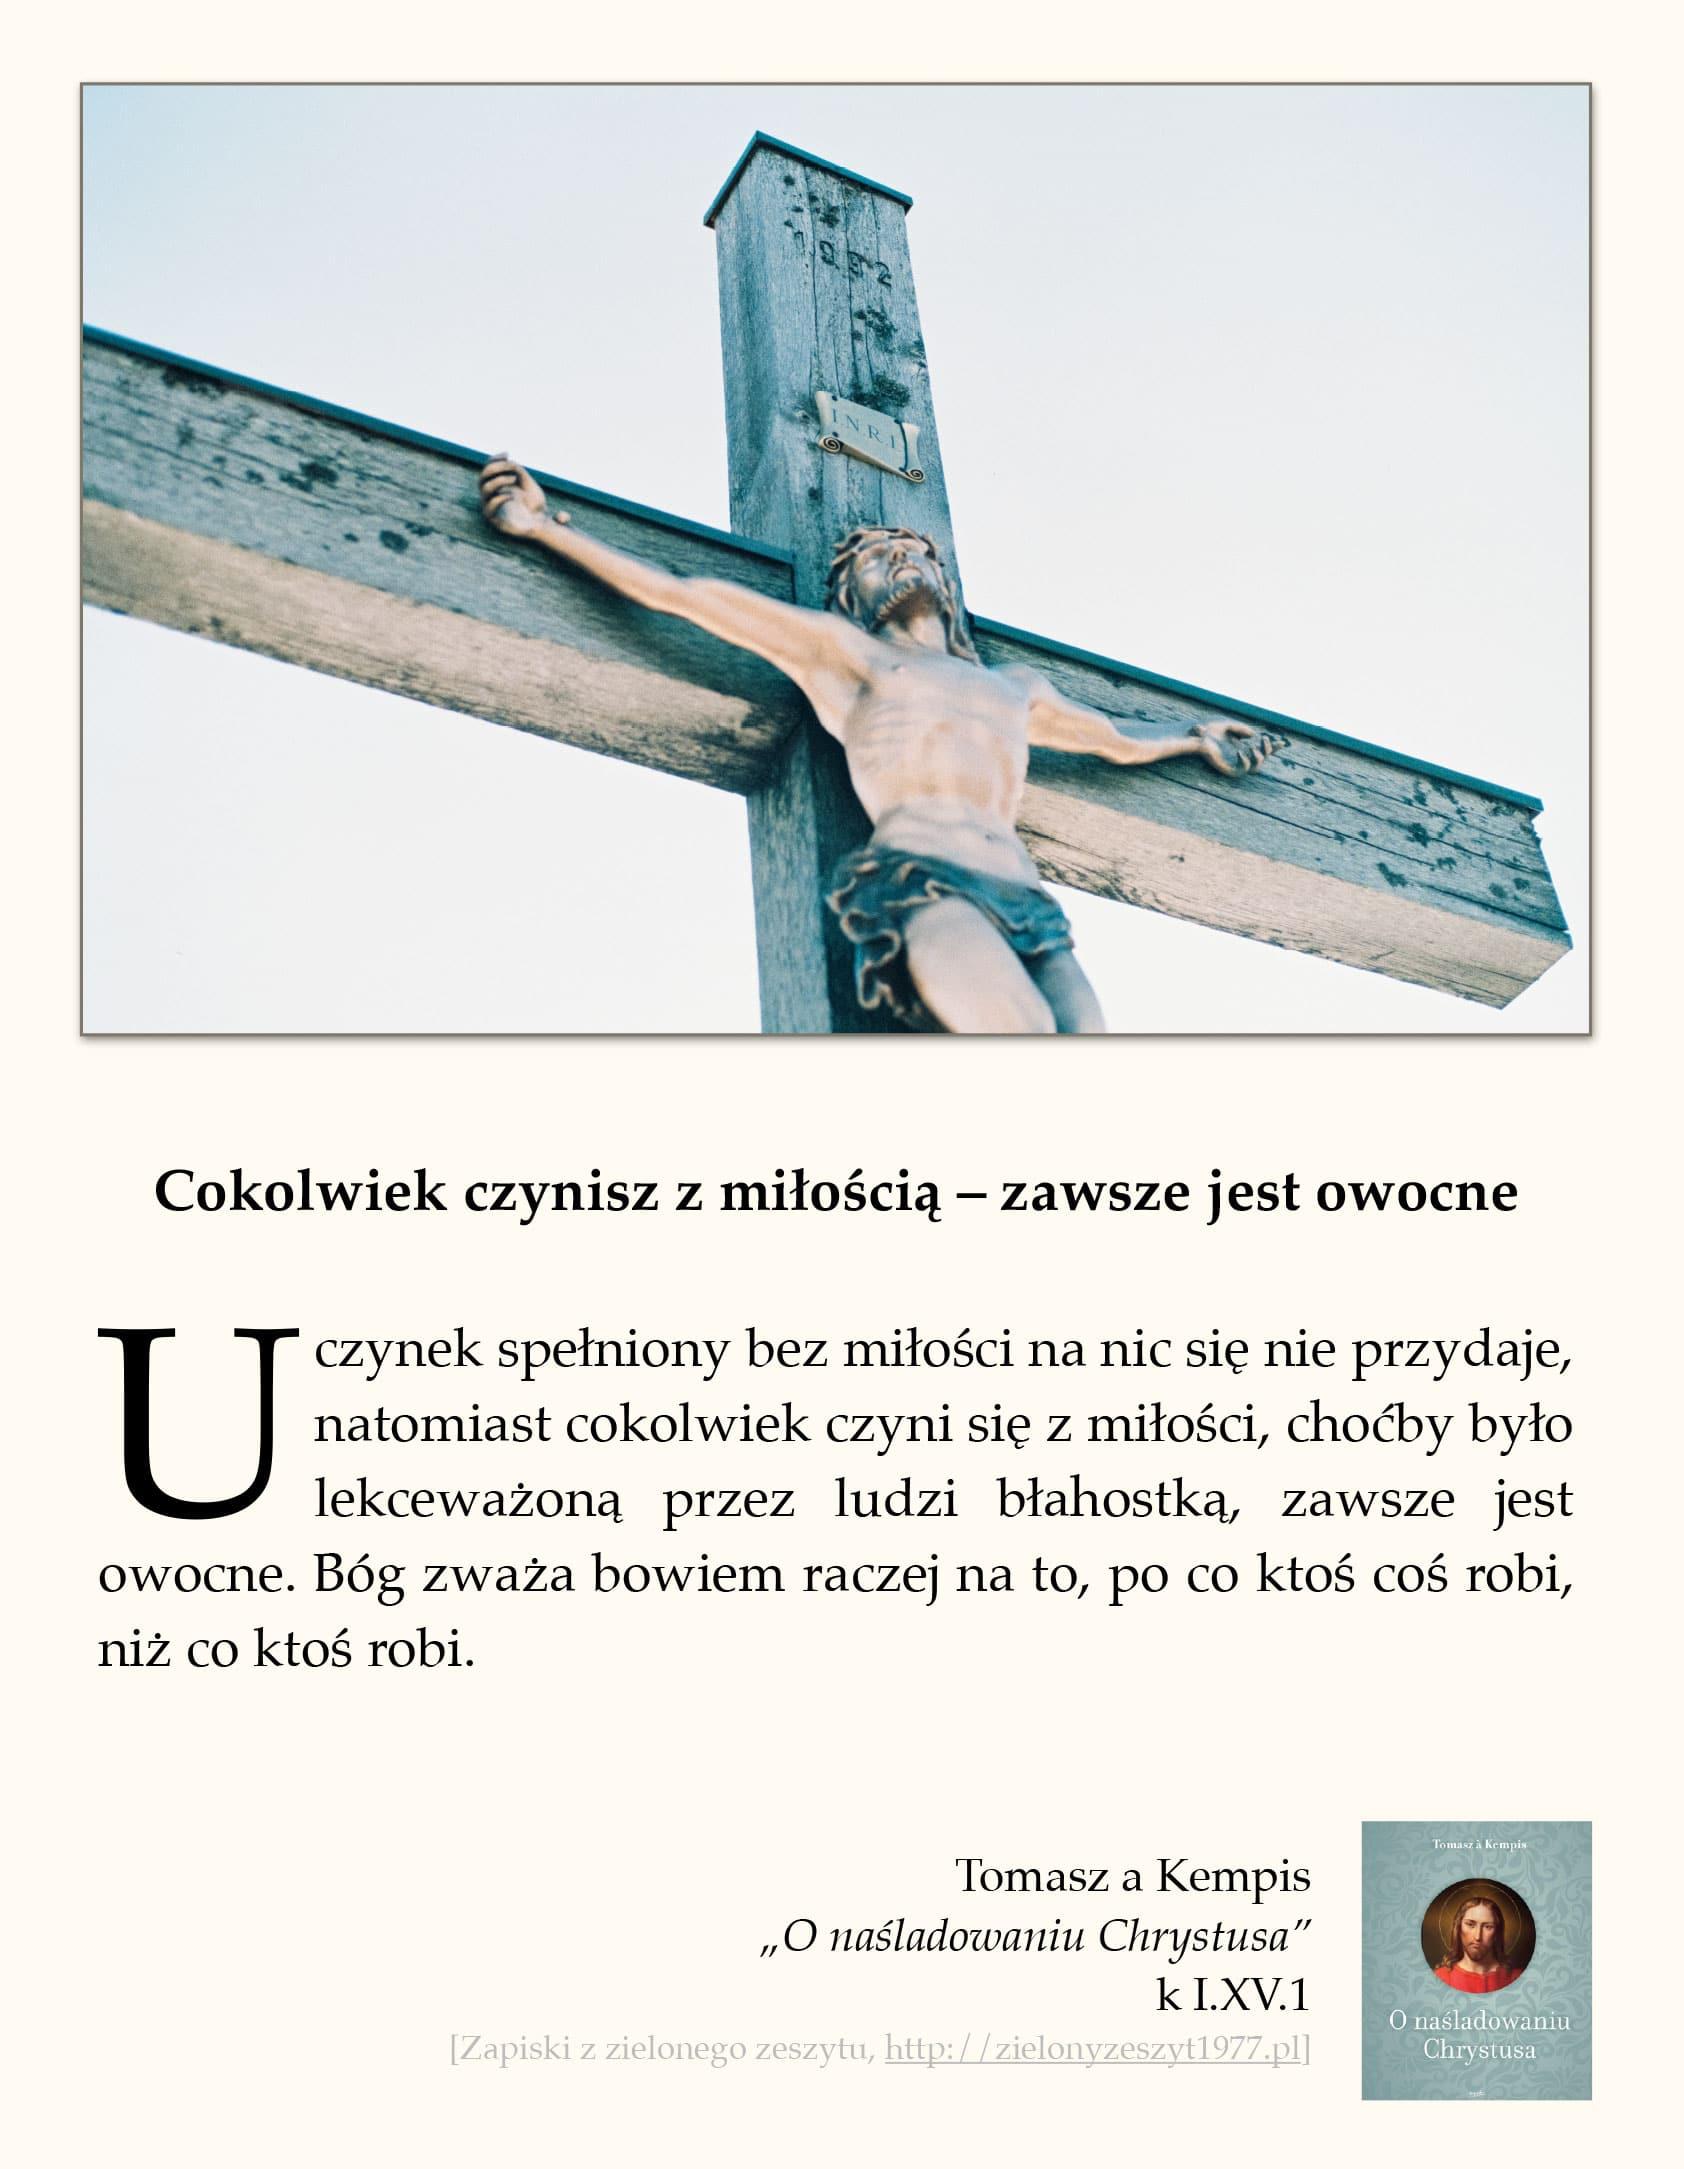 """Tomasz a Kempis, """"O naśladowaniu Chrystusa"""", k I.XV.1 (Cokolwiek czynisz z miłością – zawsze jest owocne)"""